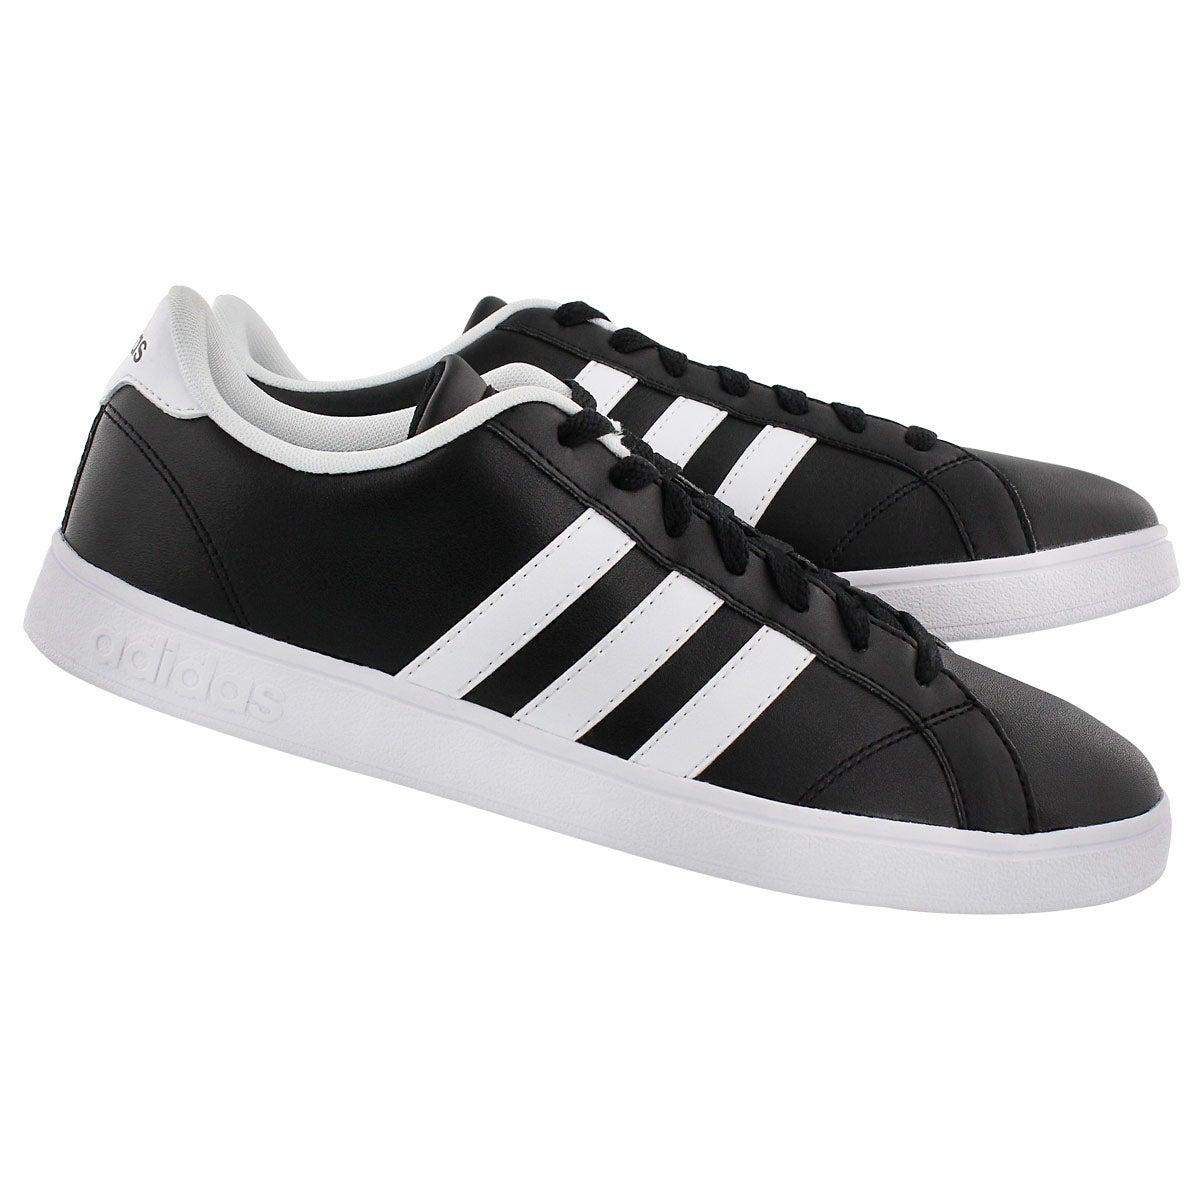 Mns Baseline blk/wht stripe sneaker